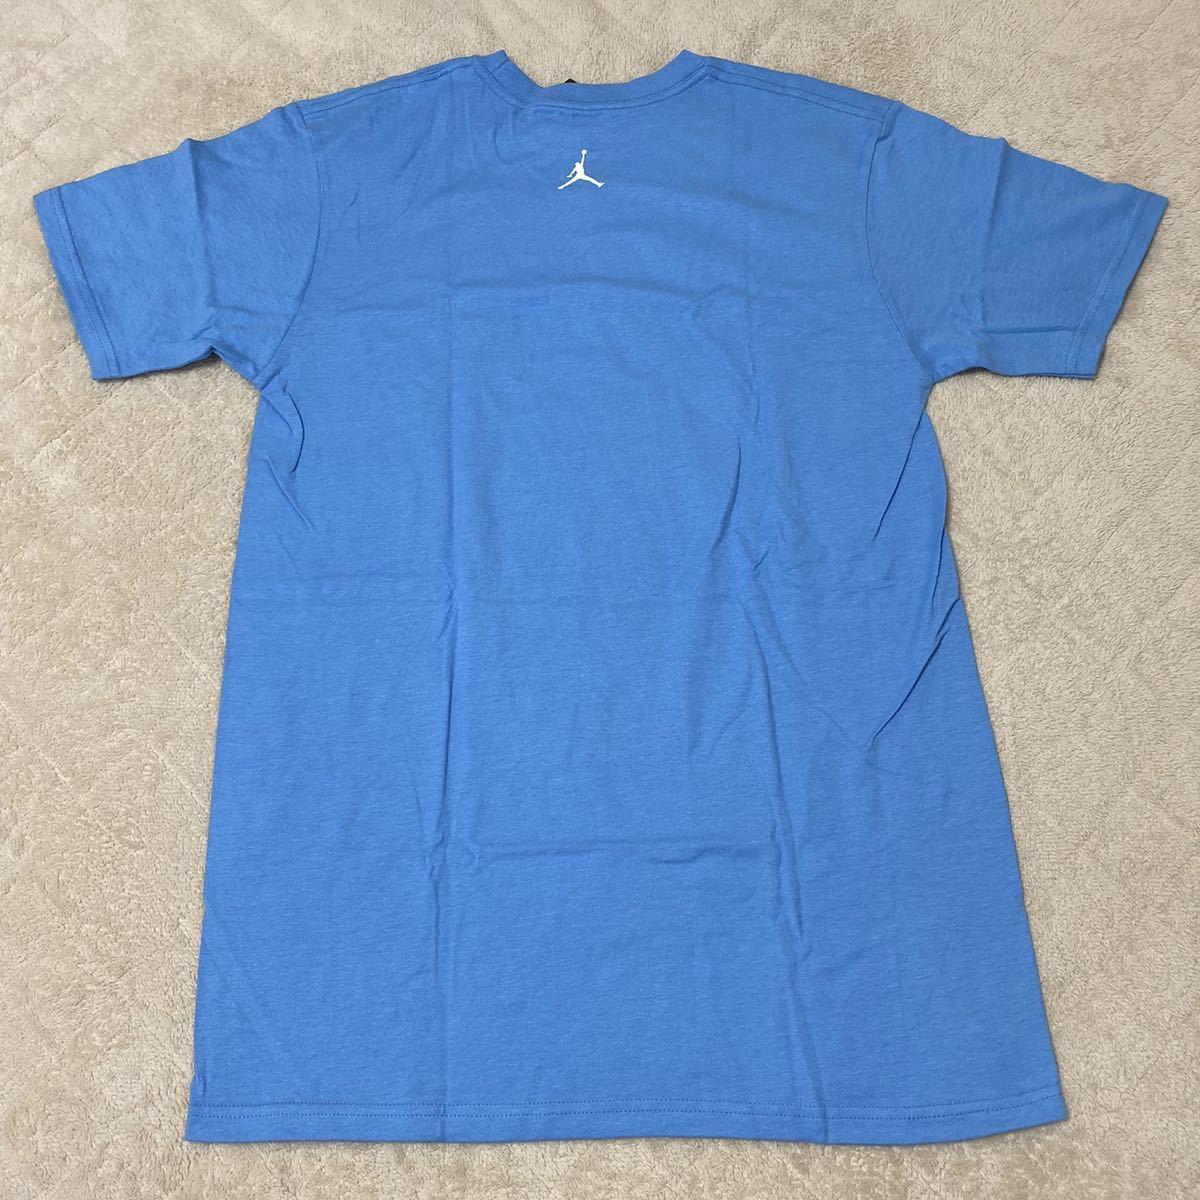 【激レア・即発送可】 NIKE AIR JORDAN NY SUBWAYモチーフTシャツ sizeM エアジョーダン 地下鉄 THE BRONX _画像4